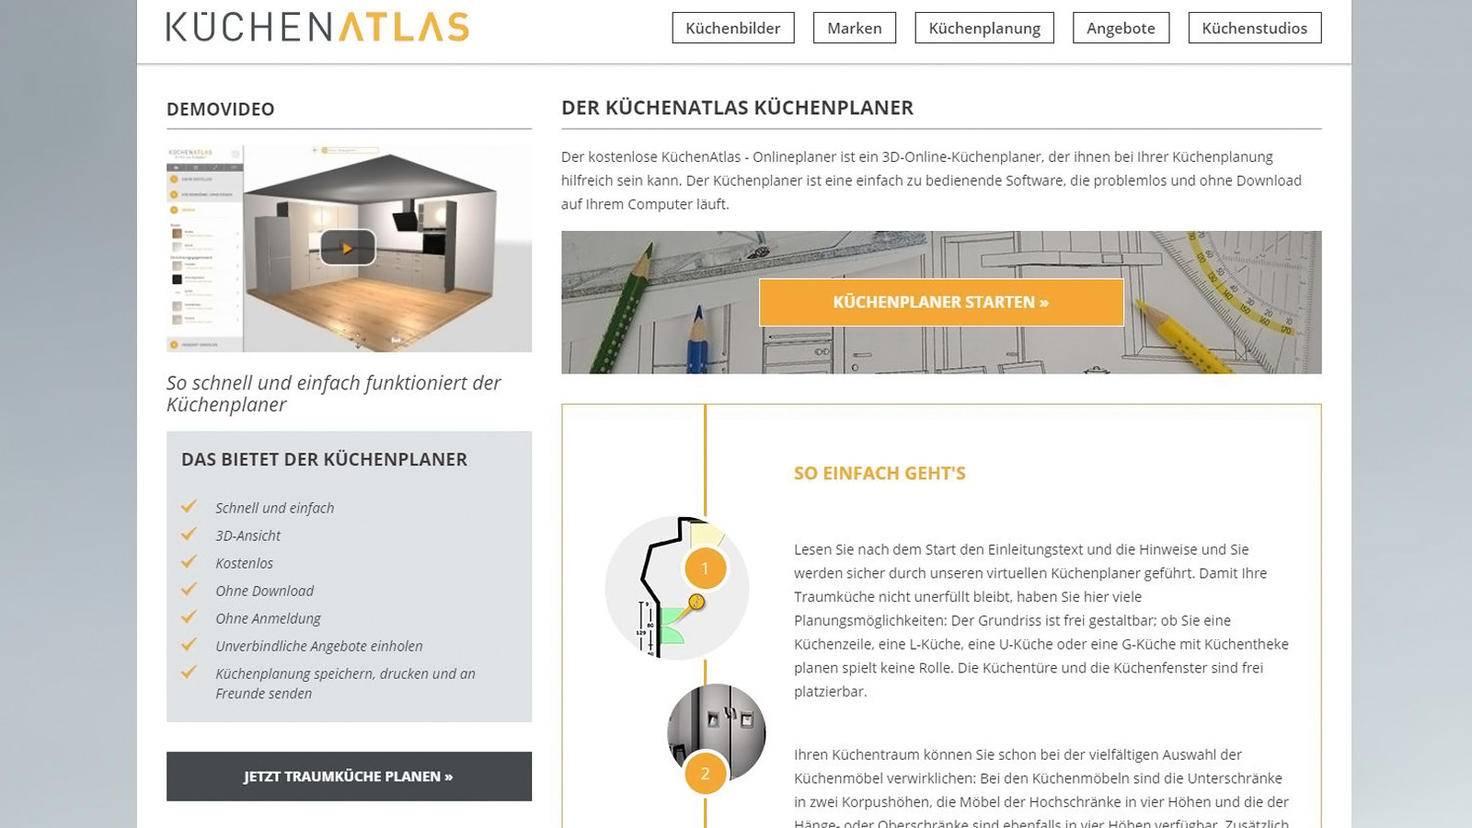 Küchen-Atlas Küchenplaner-Küchen-Atlas